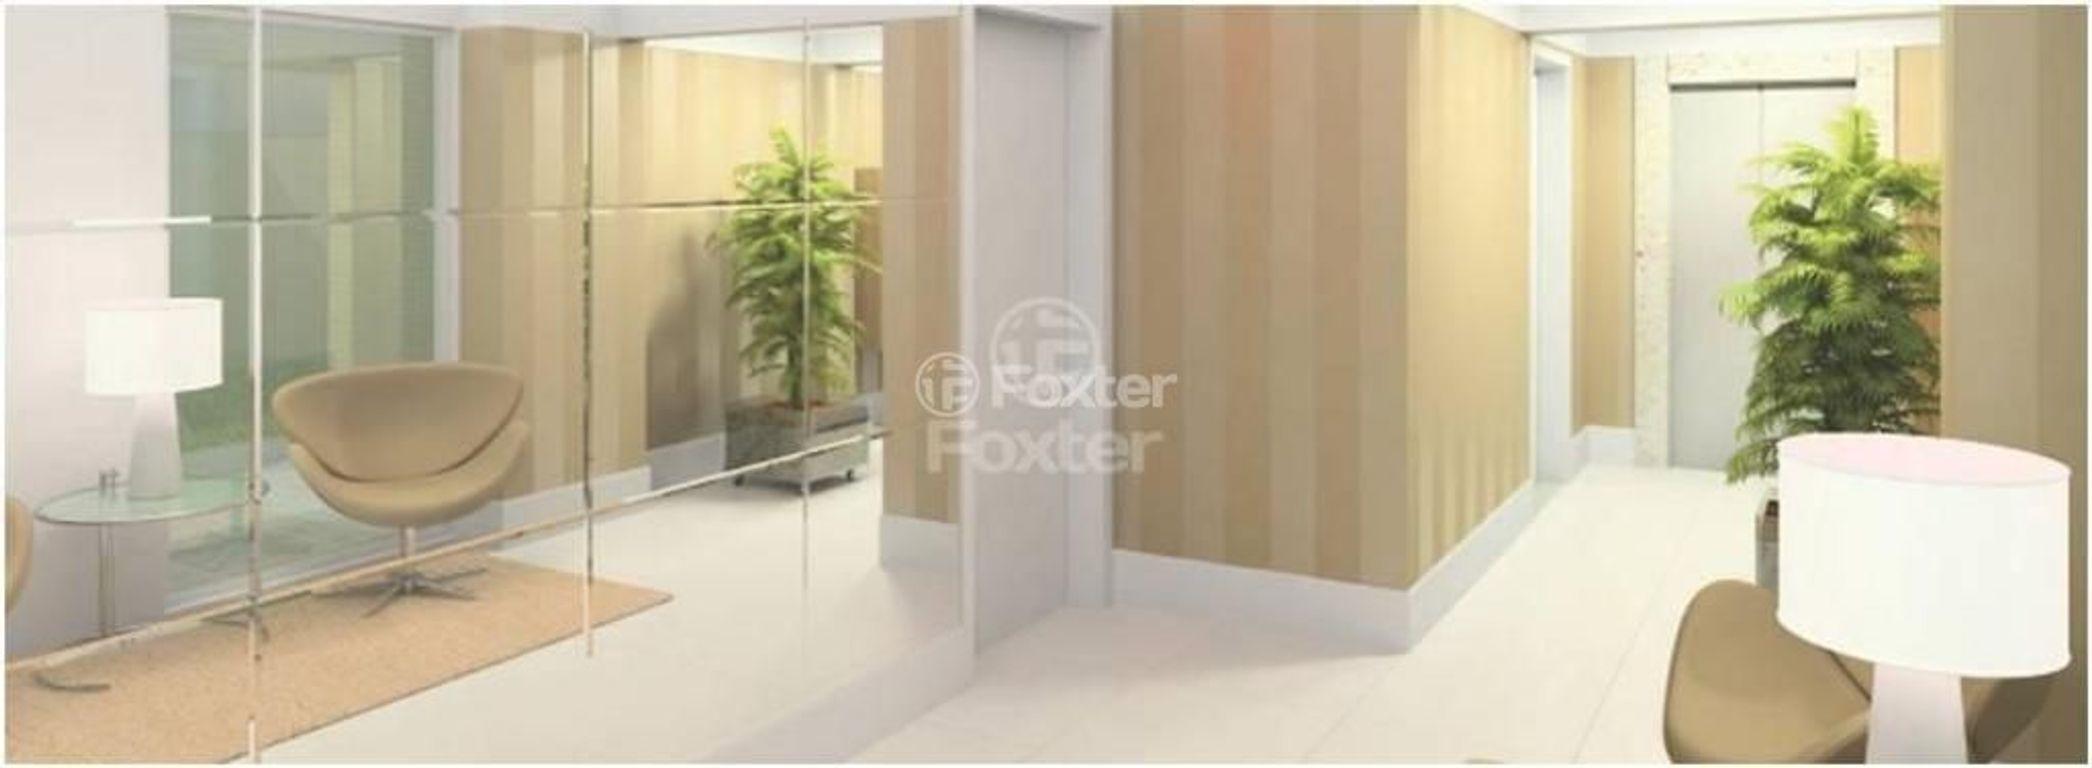 Foxter Imobiliária - Apto 2 Dorm, Petrópolis - Foto 16